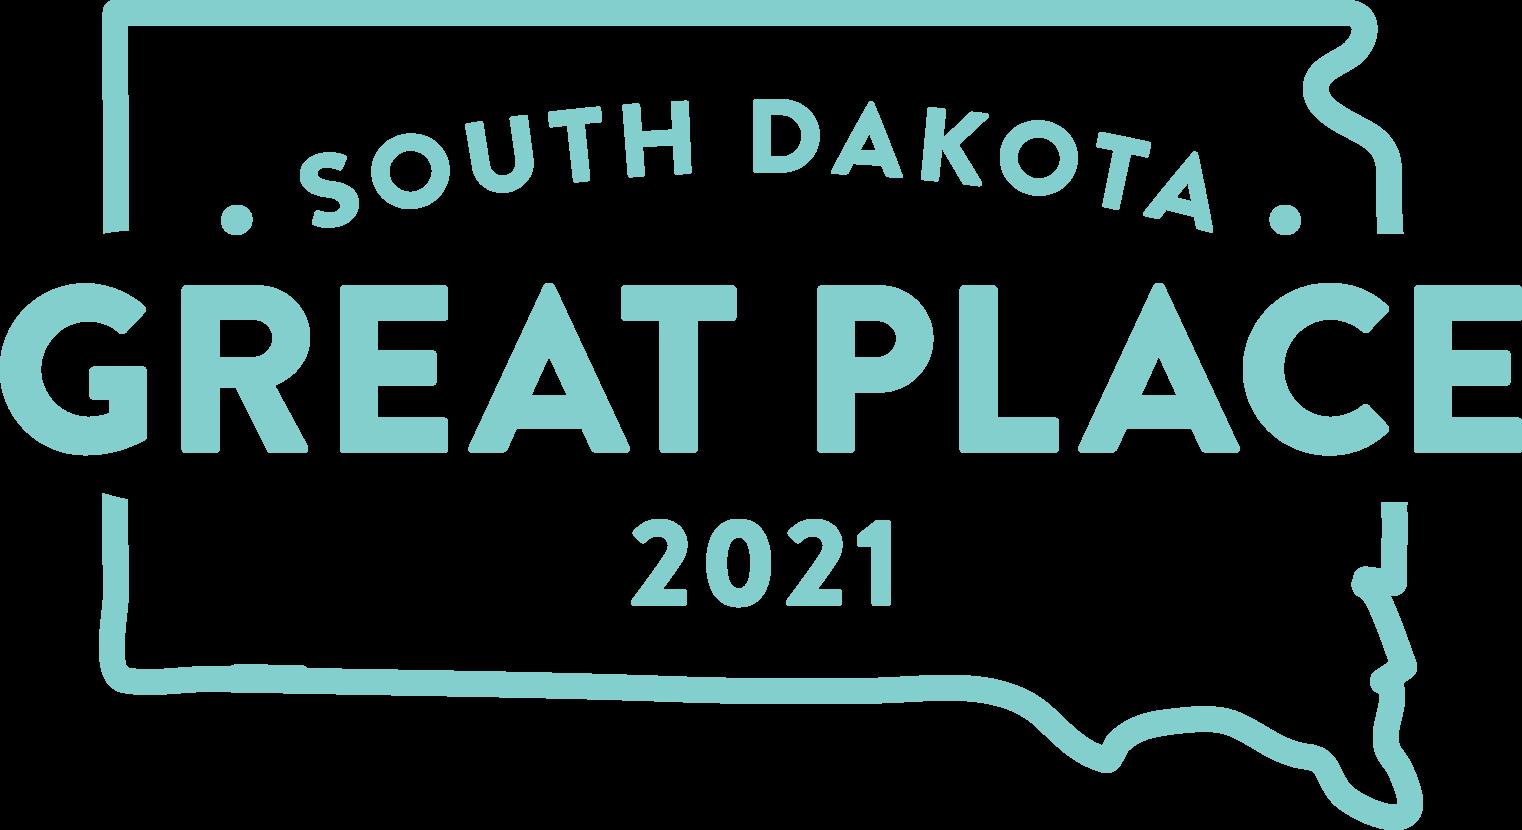 South Dakota Great Service Award